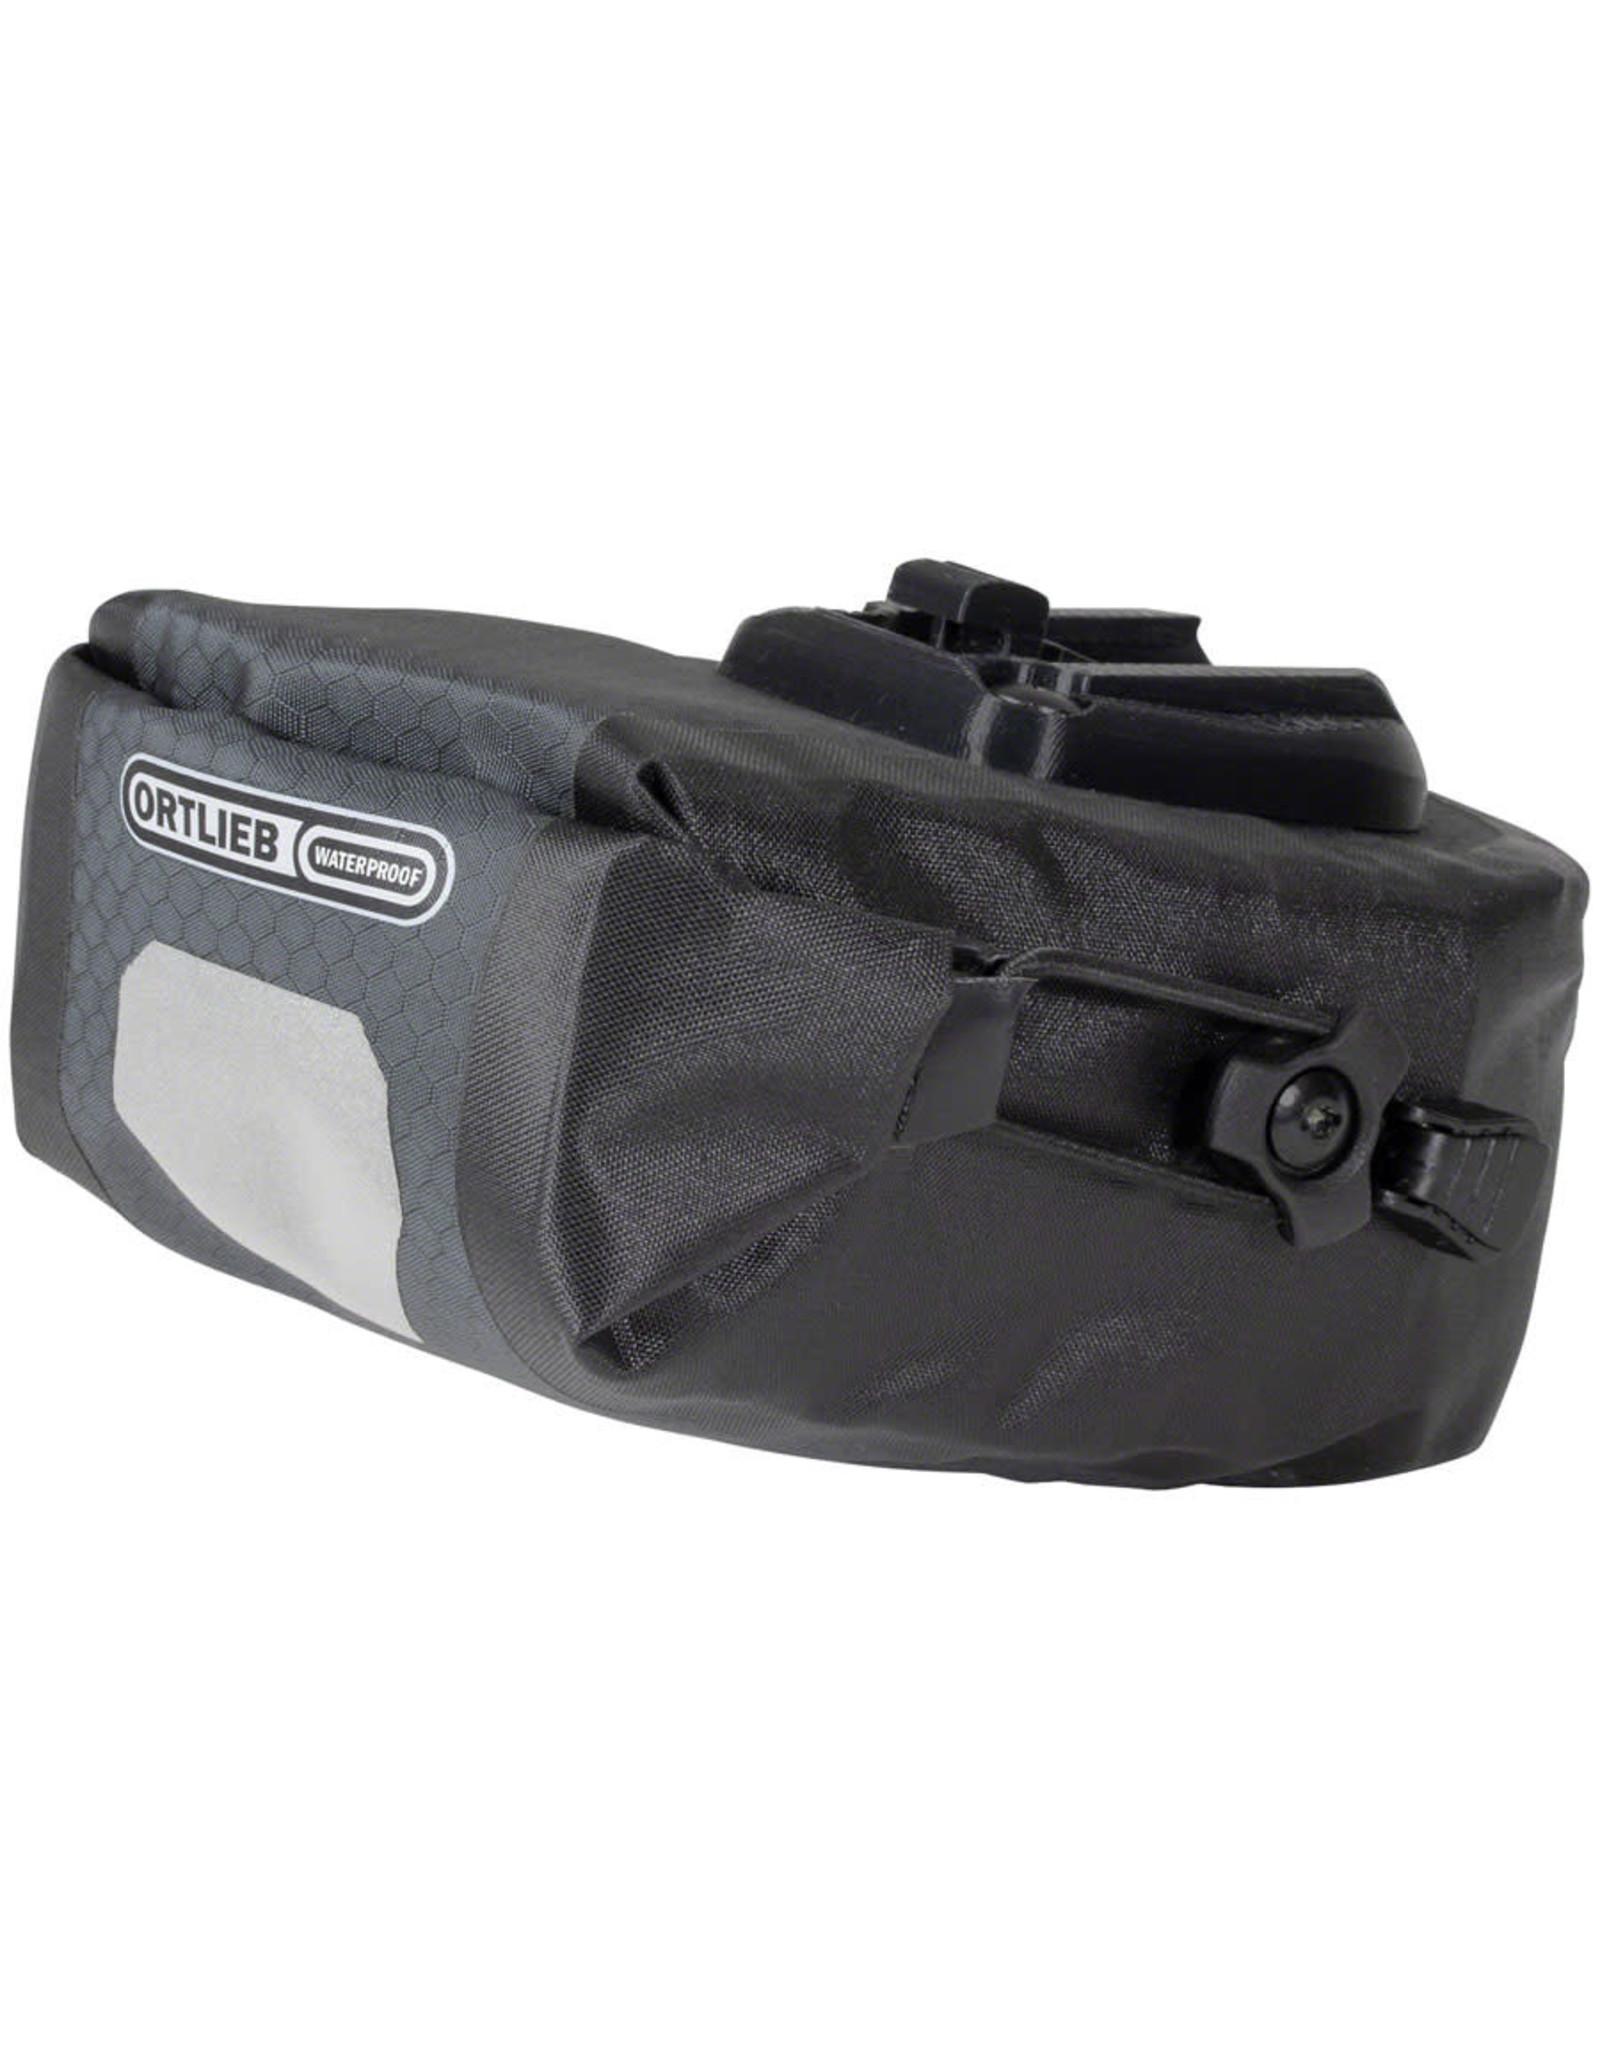 Ortlieb Ortlieb Micro Two Saddle Bag: Slate 0.8L